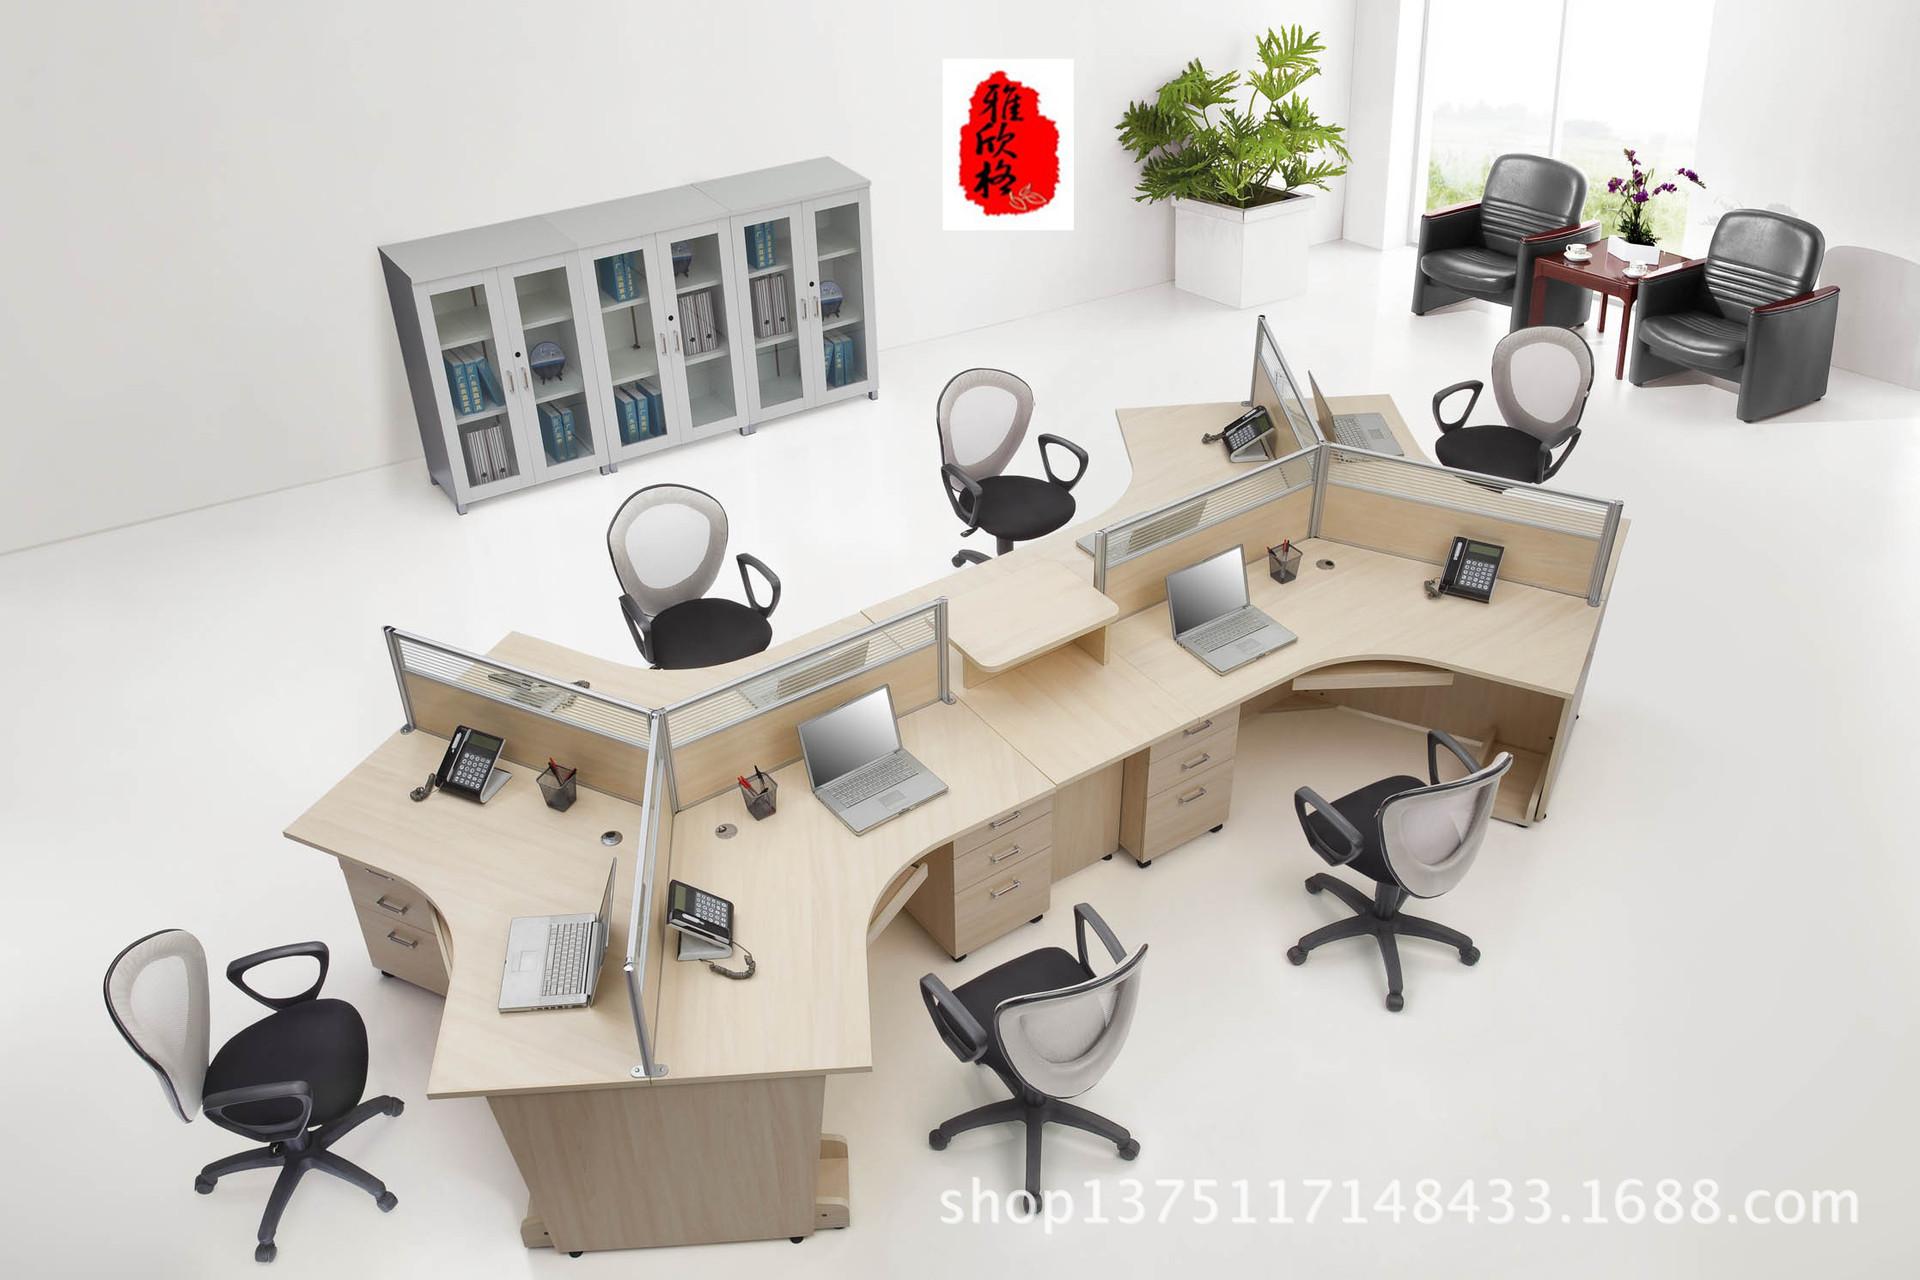 【办公广州雅欣格供应杉木可定做板式桌家具家具职员擦漆图片